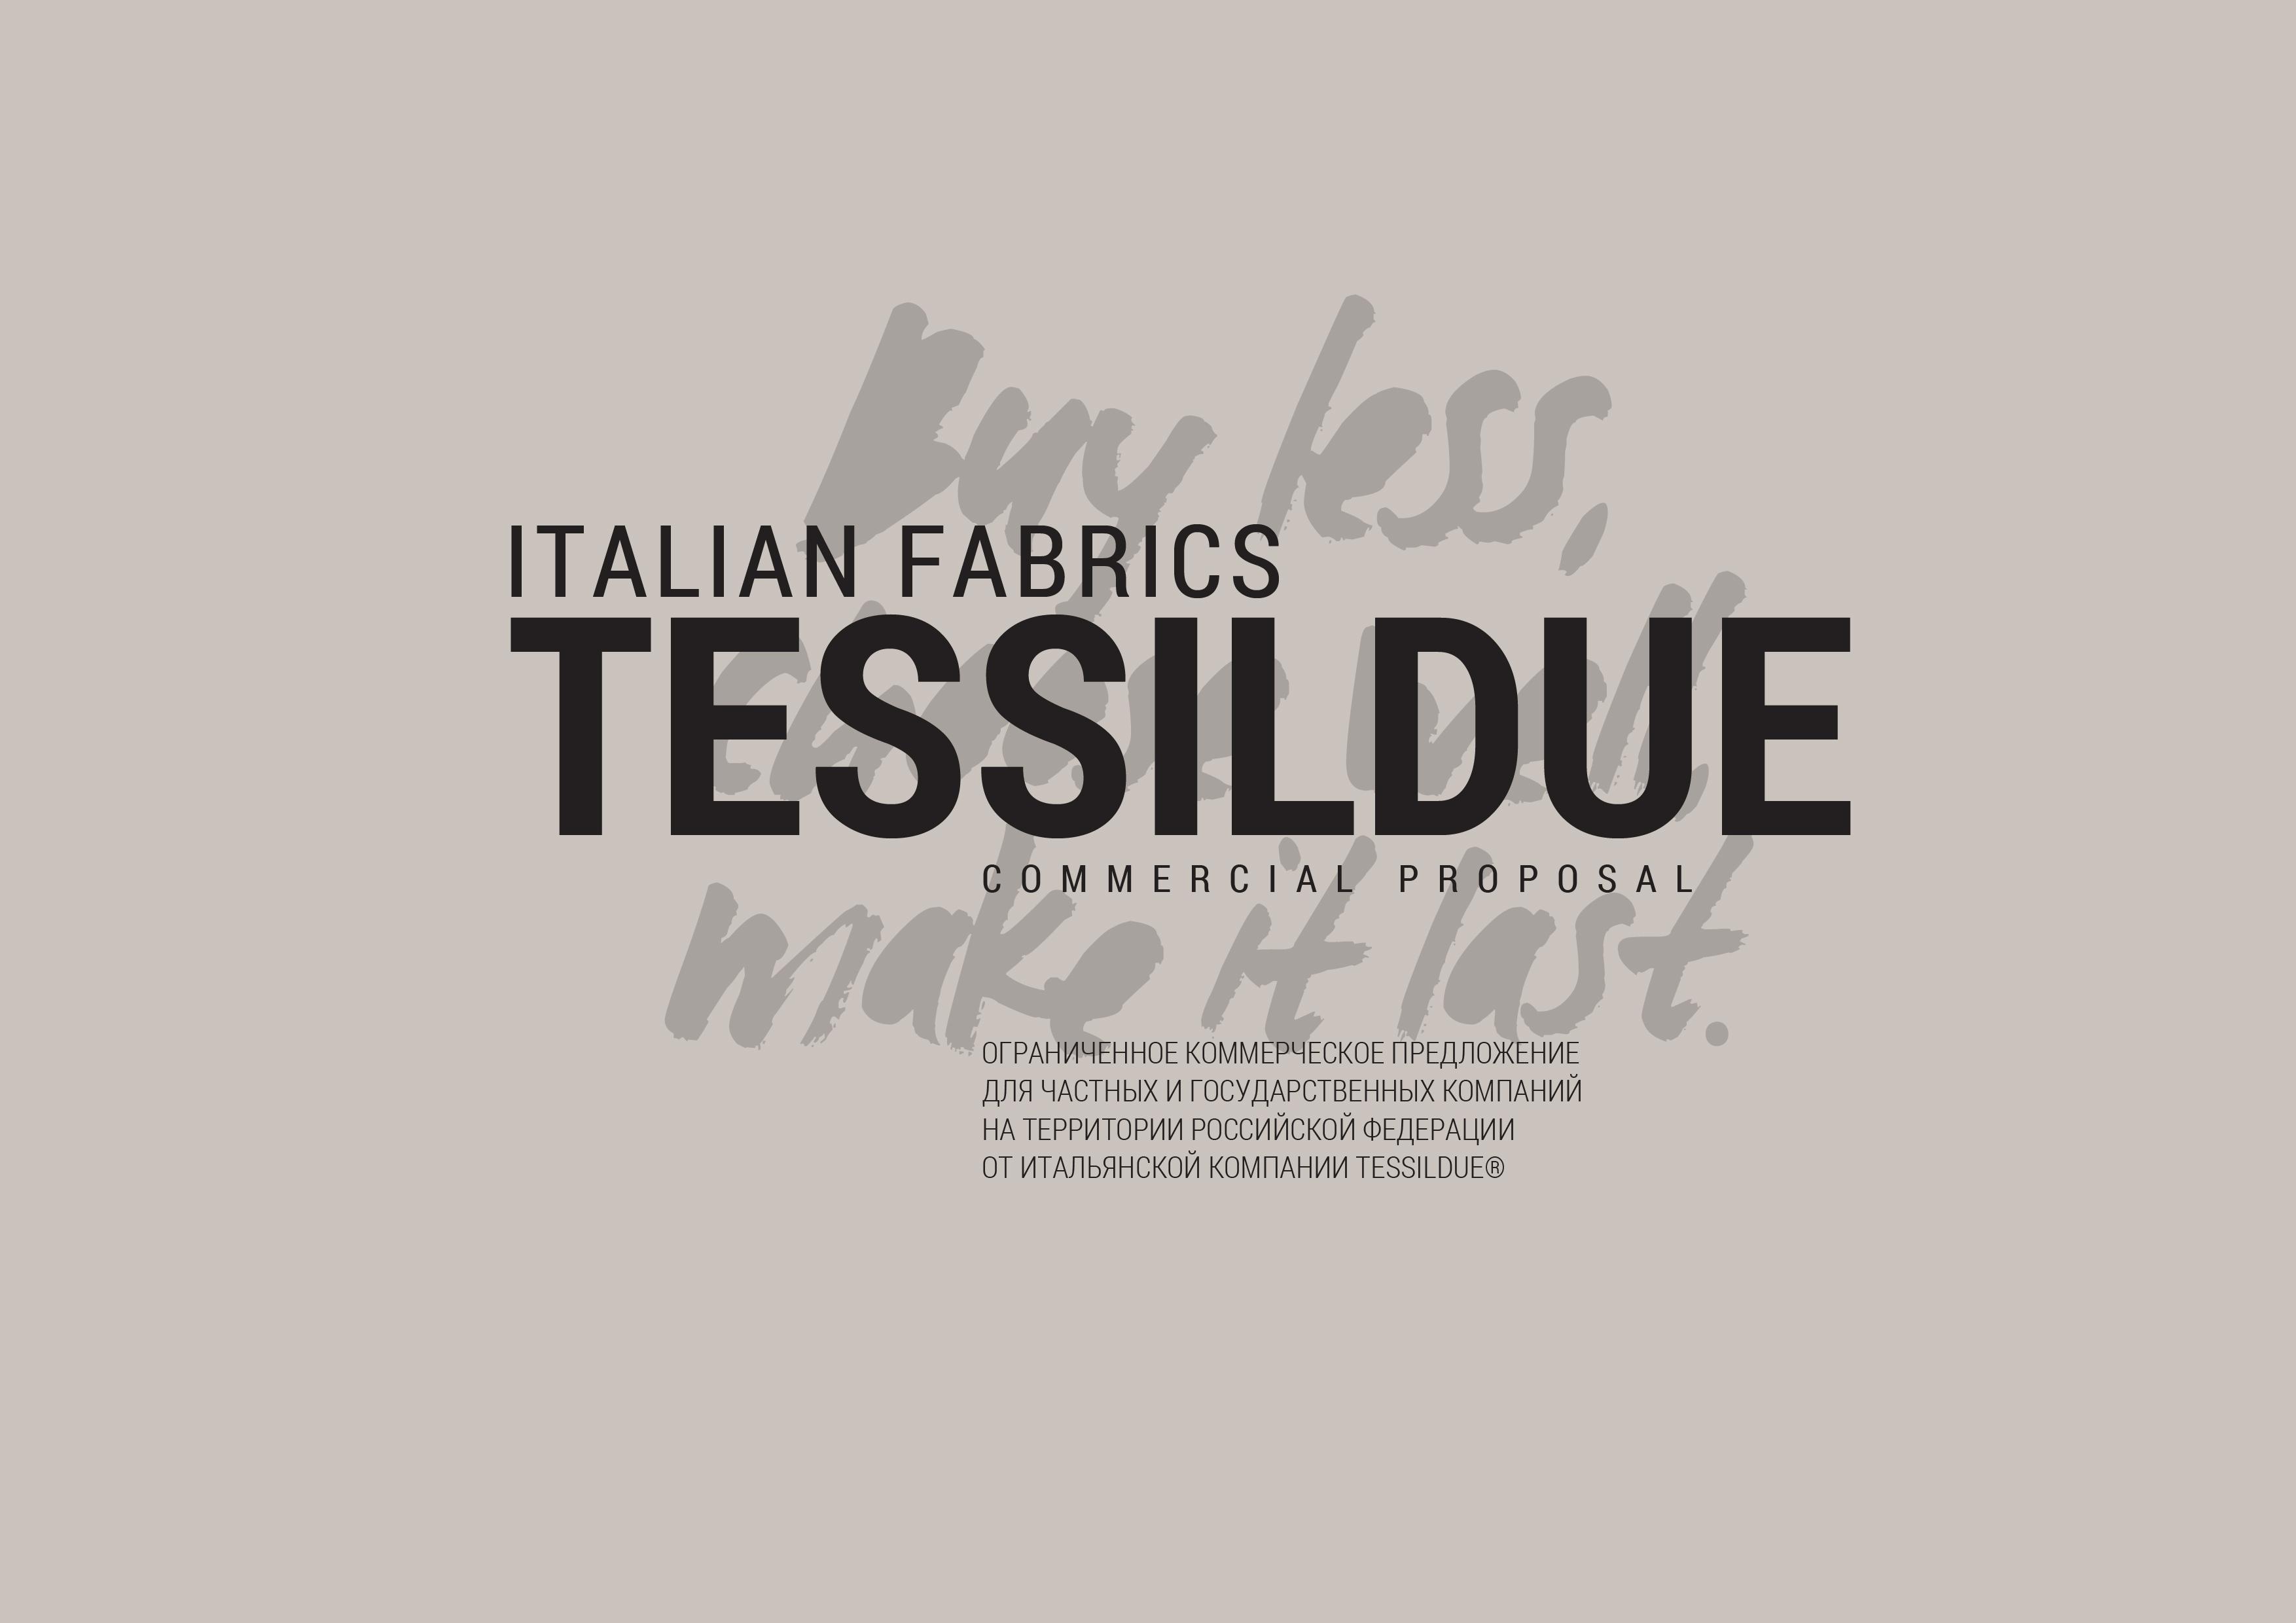 Как сделать бизнес презентацию: компания Tessildue